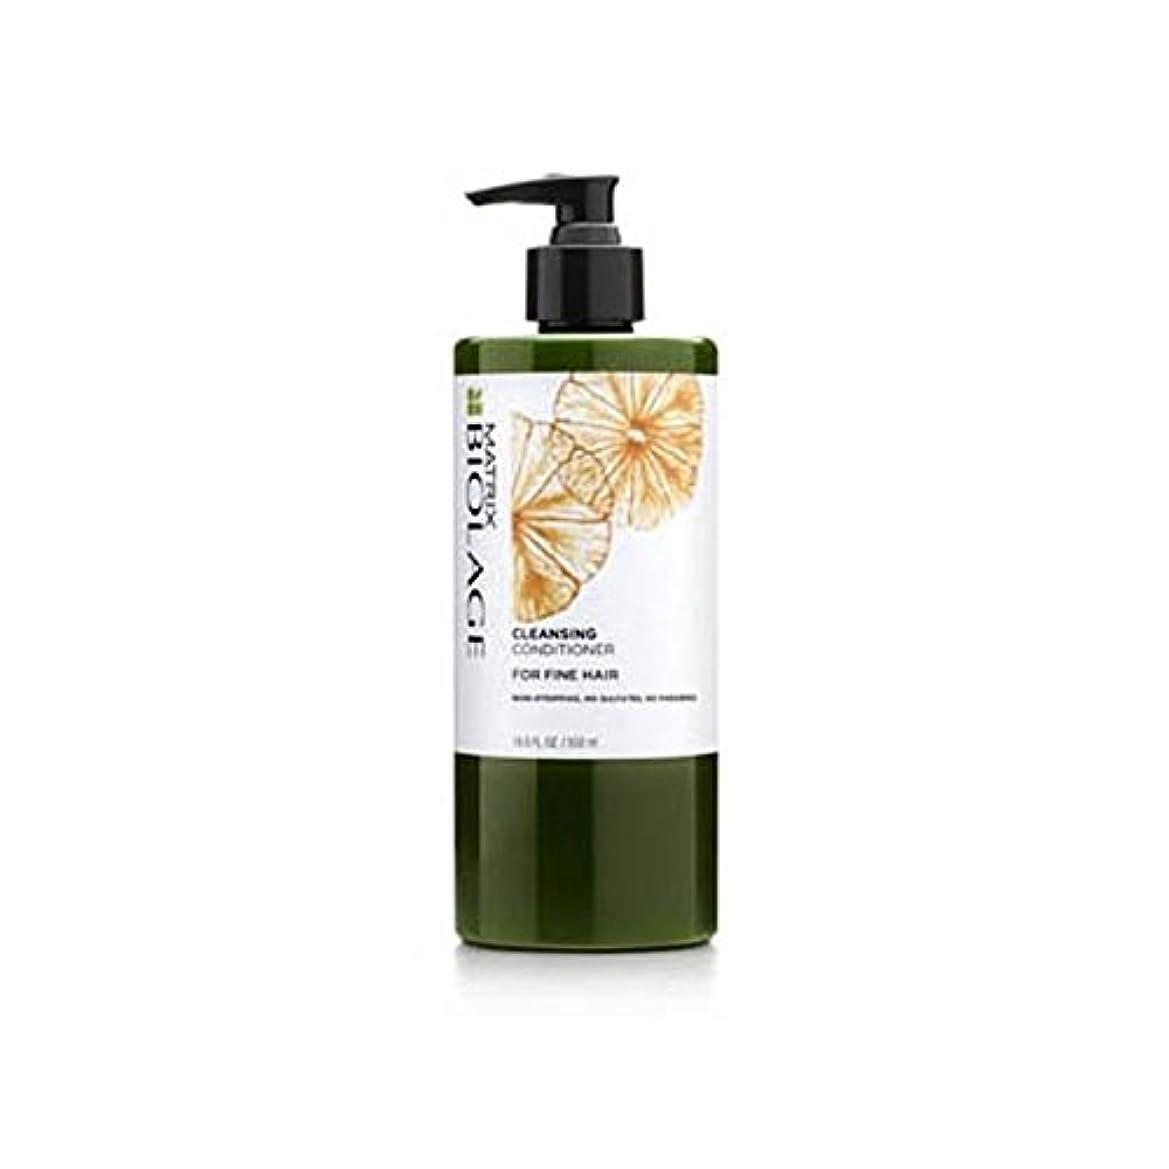 サイトライン慣らす憂慮すべきマトリックスバイオレイジクレンジングコンディショナー - 細い髪(500ミリリットル) x2 - Matrix Biolage Cleansing Conditioner - Fine Hair (500ml) (Pack of 2) [並行輸入品]